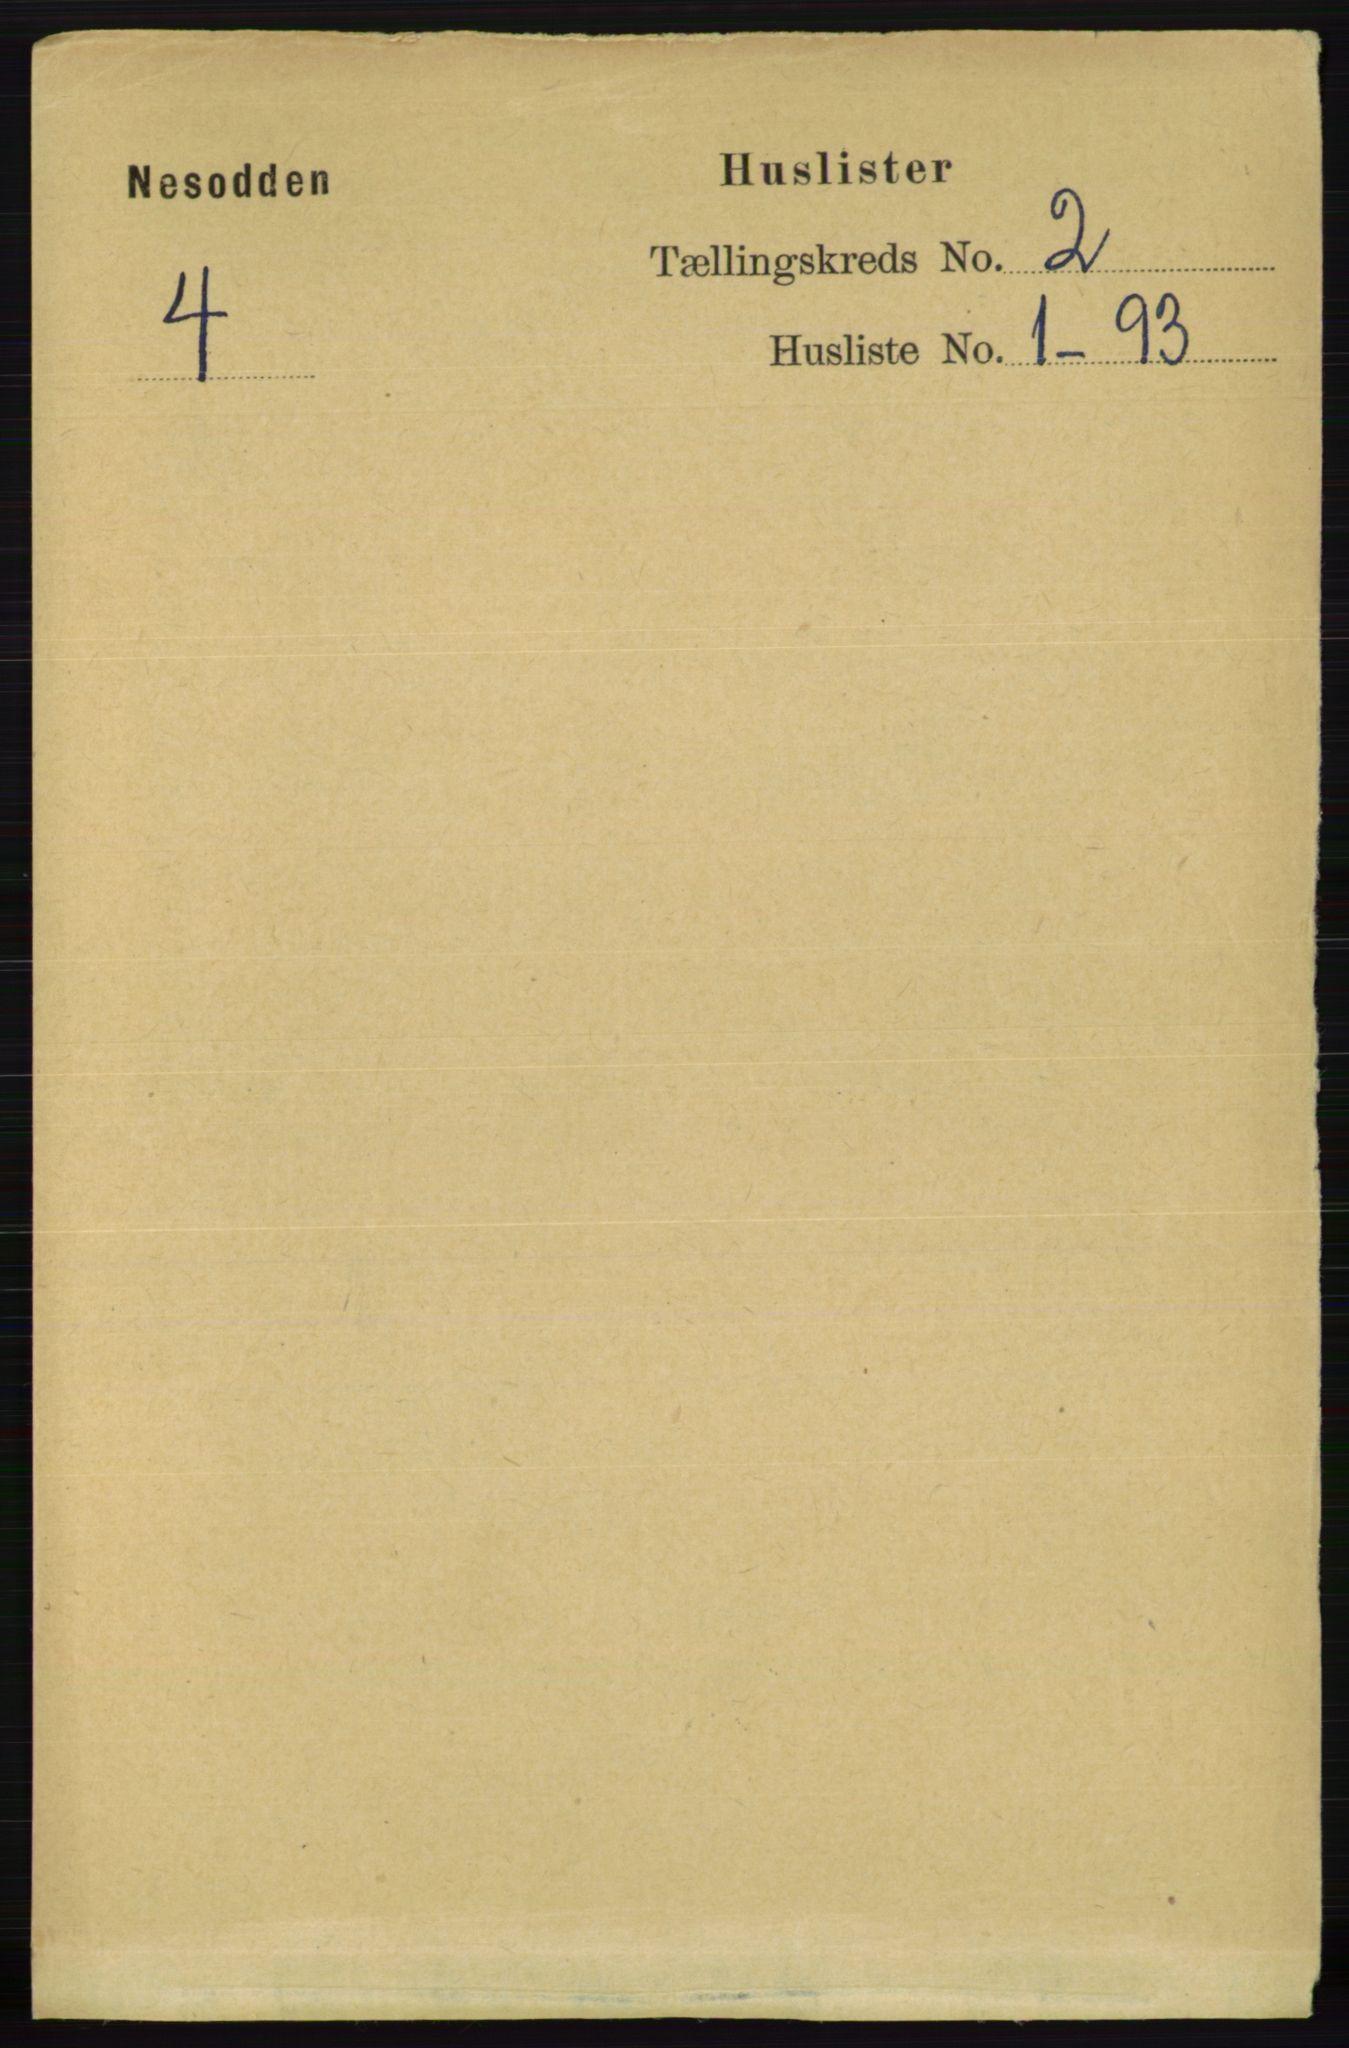 RA, Folketelling 1891 for 0216 Nesodden herred, 1891, s. 385